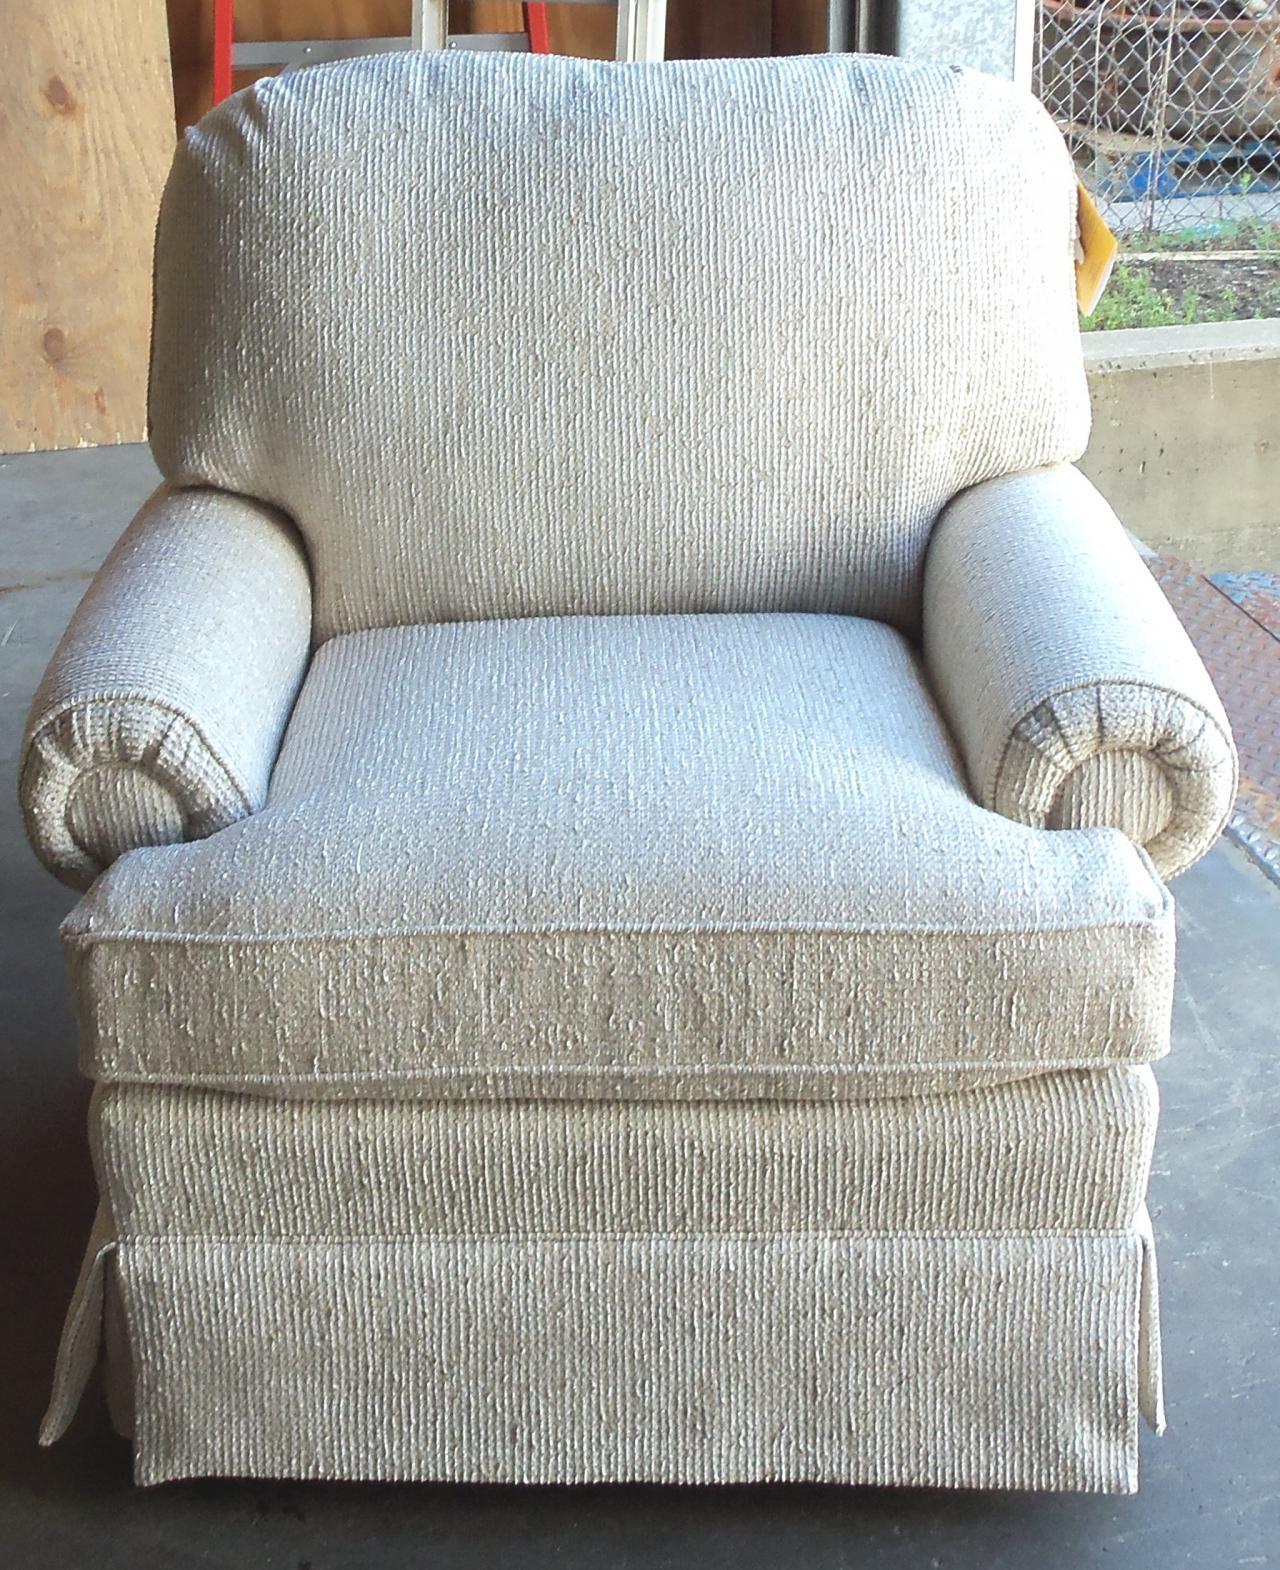 Best chair swivel glider - Braxton